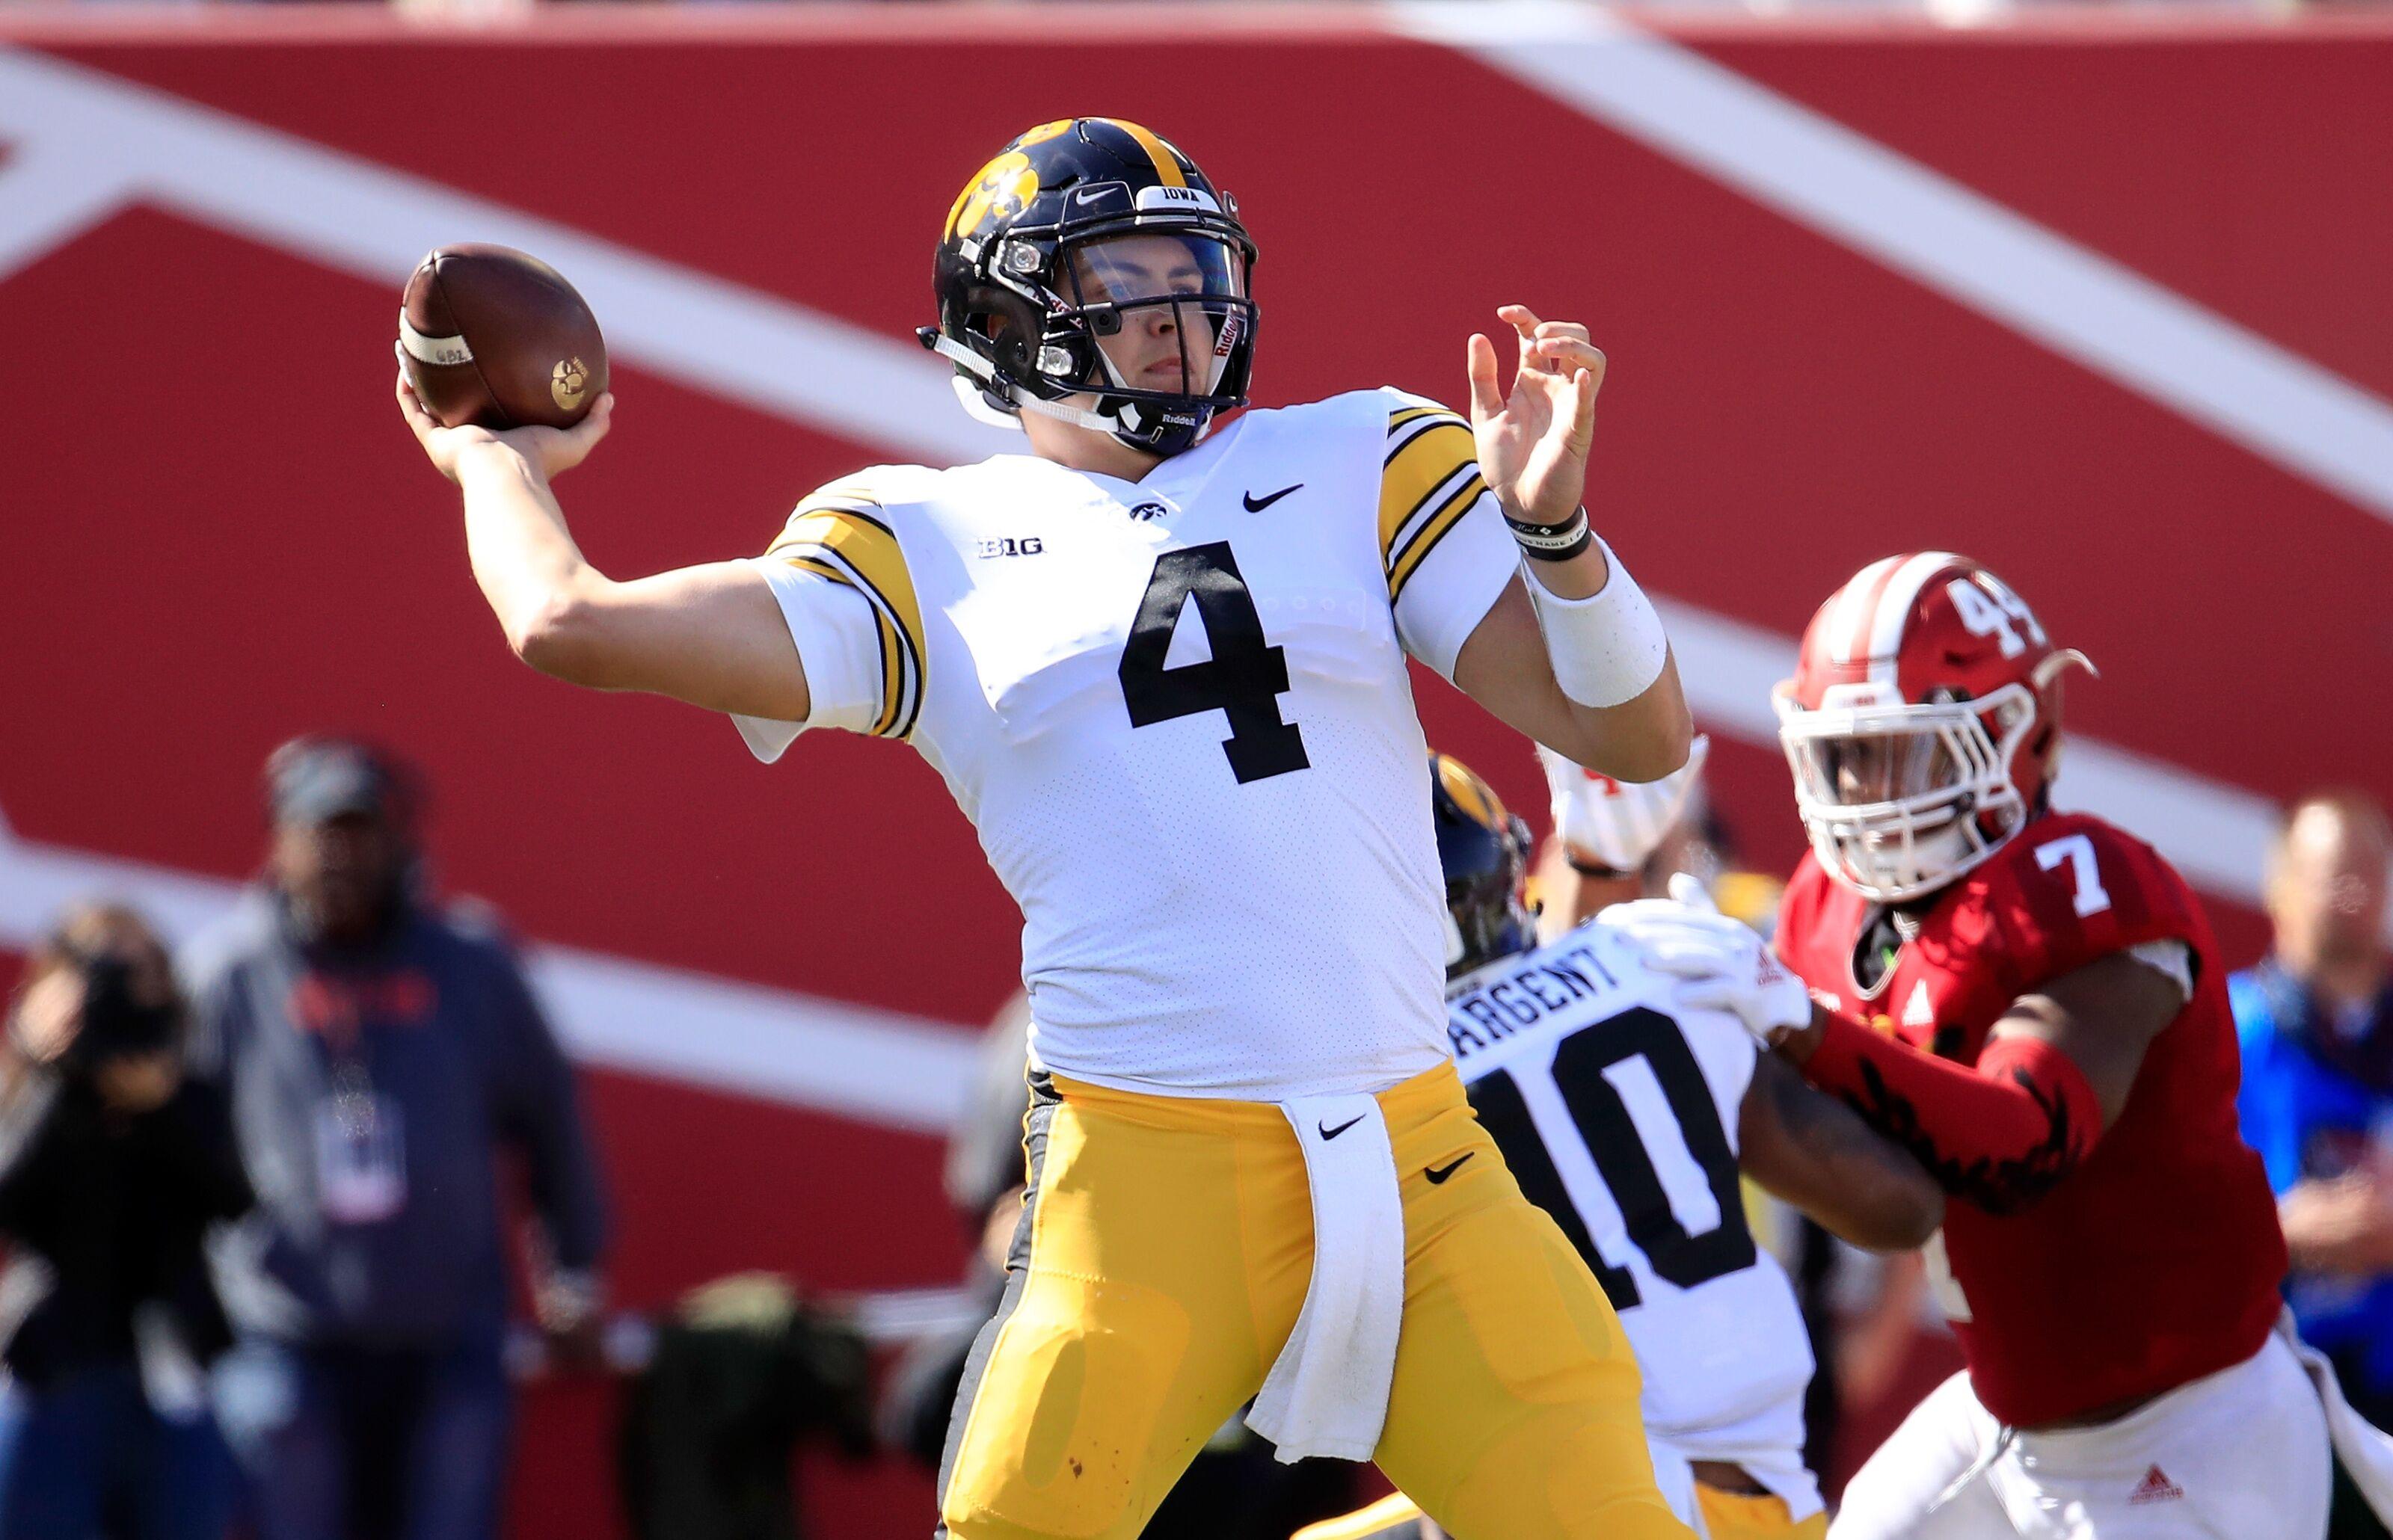 Iowa football: Can Nate Stanley make a run at the Heisman?